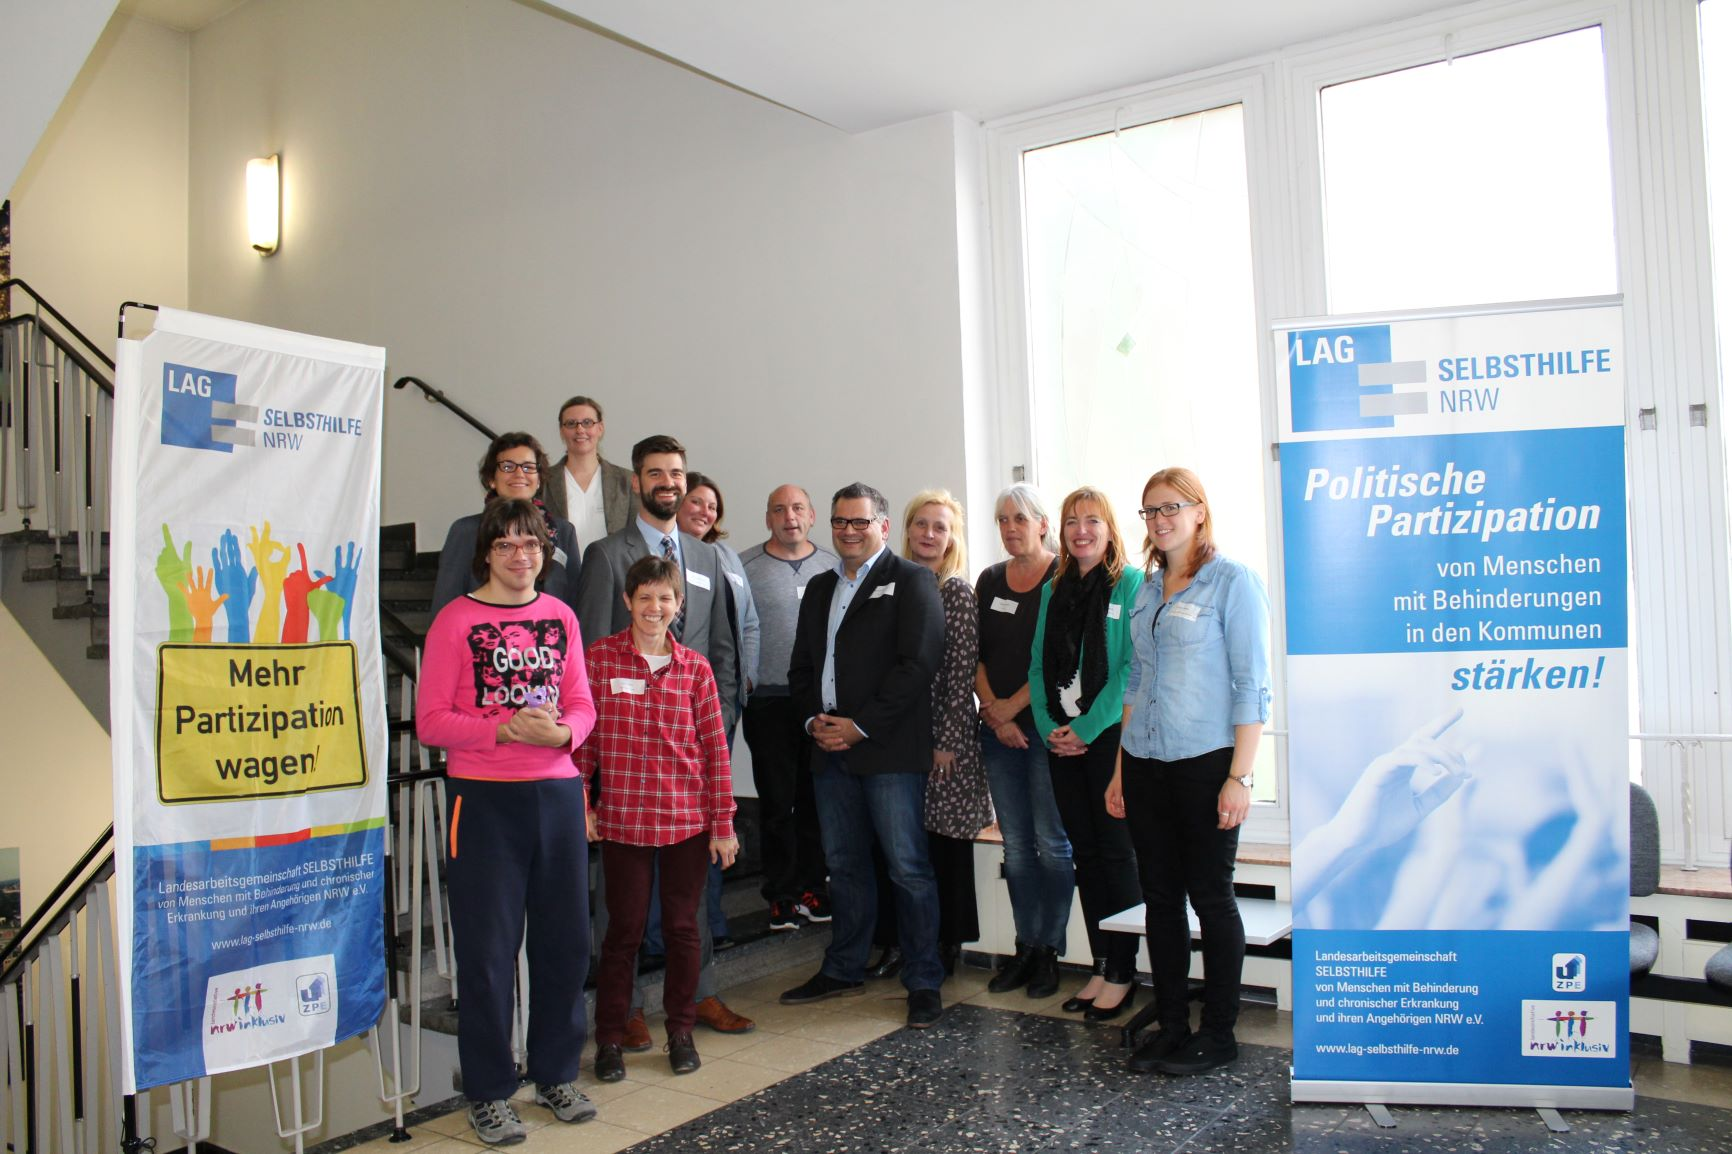 Teilnehmer*innen des Workshops in Oberhausen